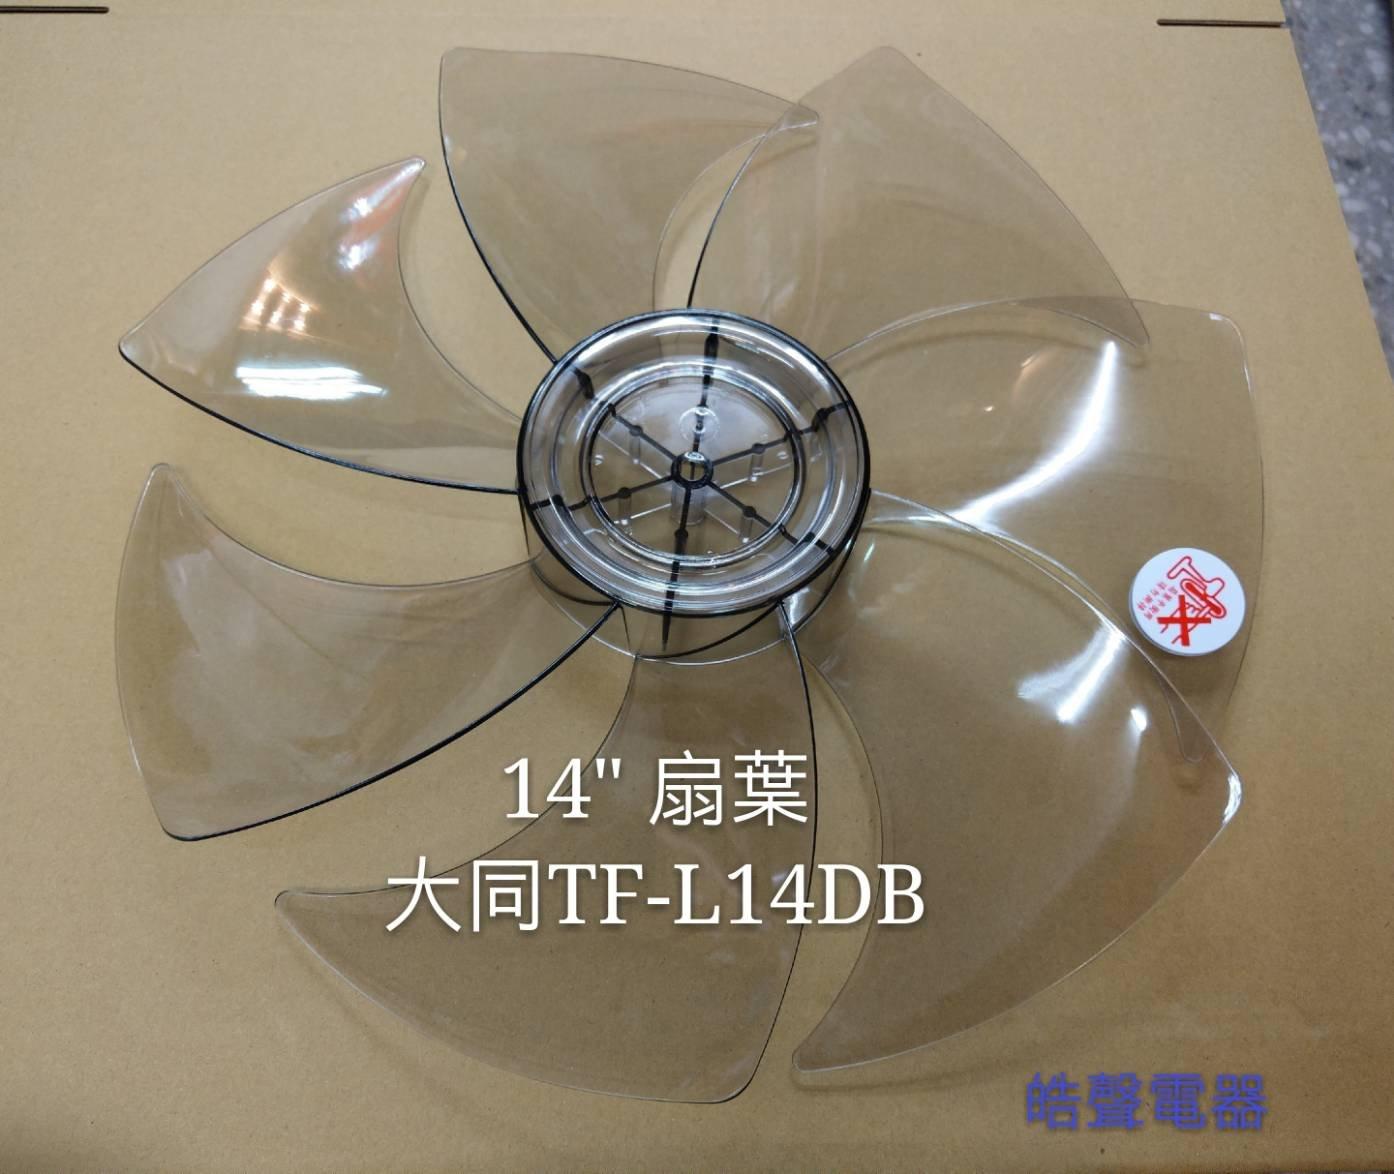 大同TF-L14DB 扇葉 DC節能扇 葉片 14吋大同電風扇扇葉  DC扇扇葉 扇葉 7葉片 【皓聲 】